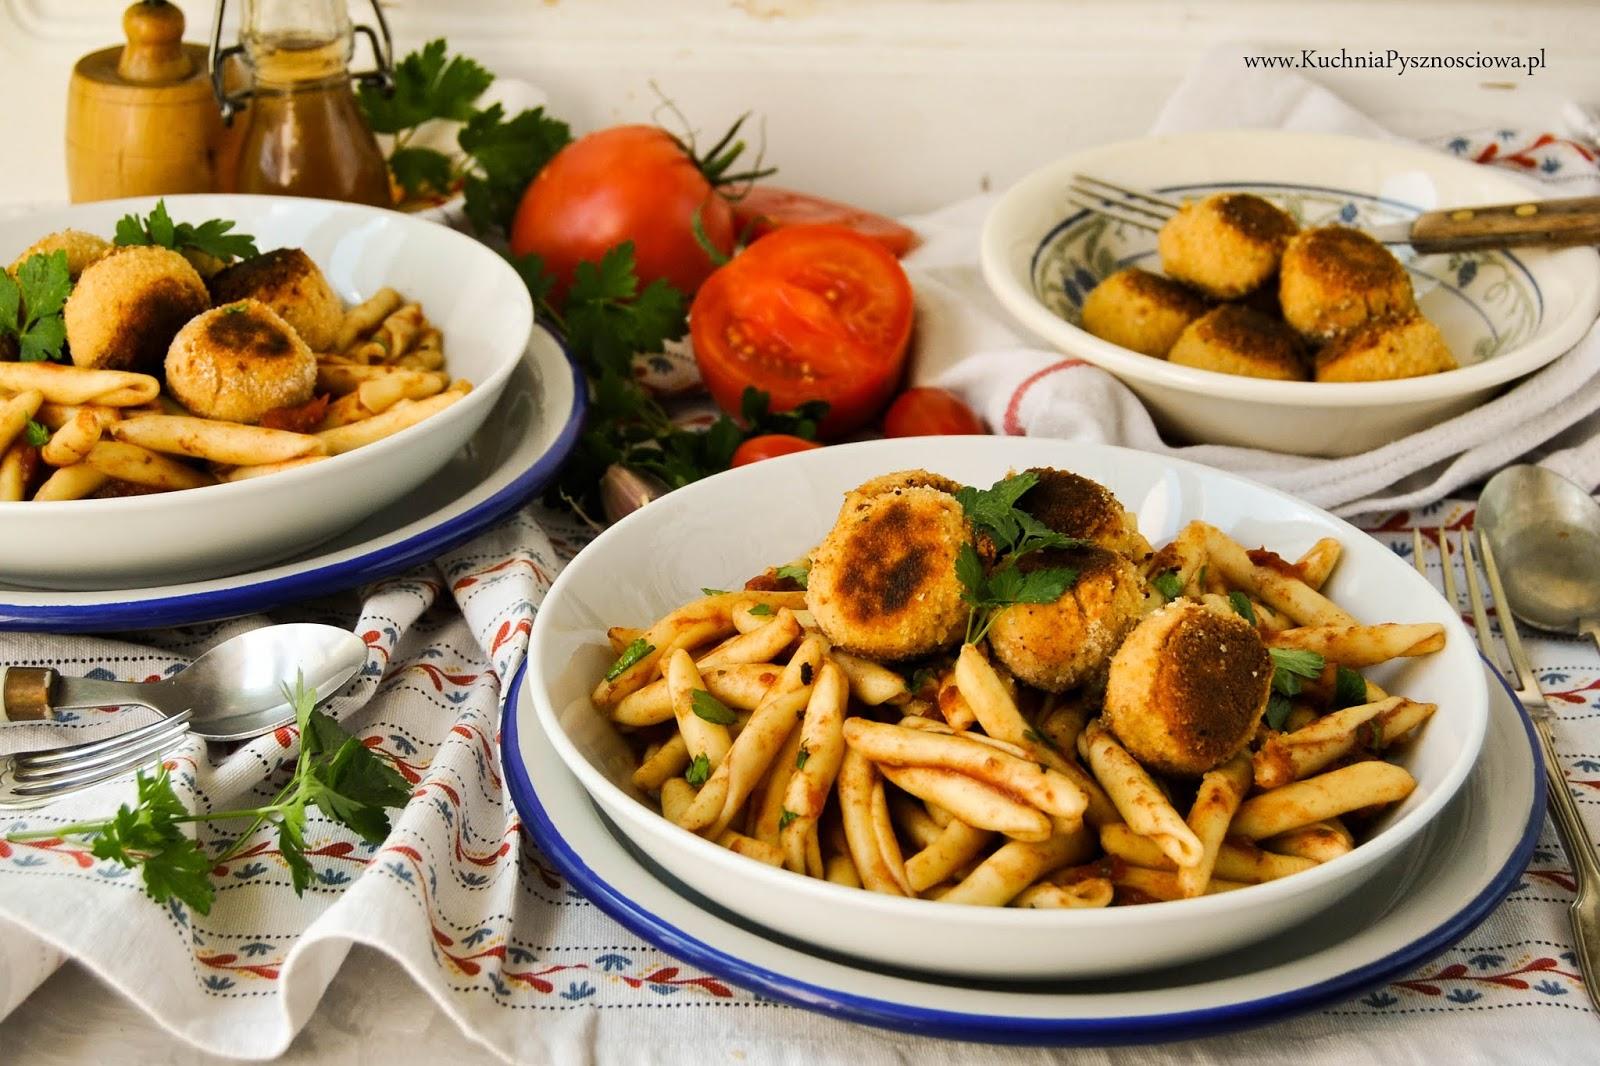 707. Wegetariański makaron z sosem pomidorowym i klopsikami z tofu